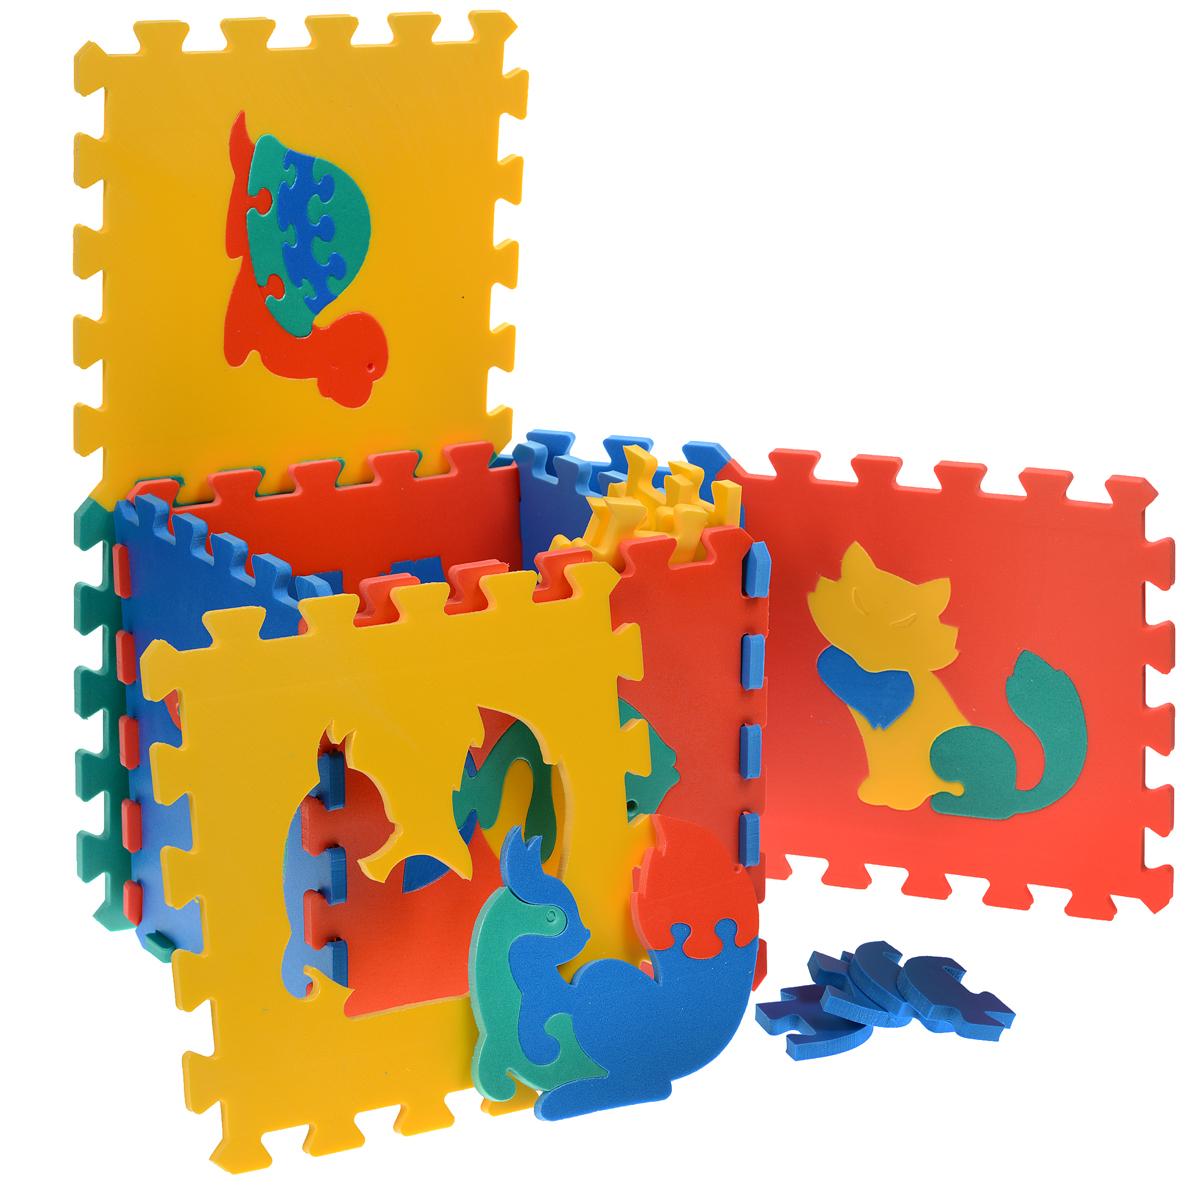 Коврик-пазл Животные, 10 элементов45426Мягкий коврик-пазл Животные, несомненно, заинтересует вашего малыша. Коврик складывается из детяти плиток основных цветов (синего, желтого, красного и зеленого) со съемными кромками и уголками. В каждый элемент встроена сборная мозаика в виде животного. Игры с ковриком-мозаикой Животные способствуют развитию у малышей мелкой моторики рук, тактильных ощущений, фантазии, способности анализировать и сопоставлять детали, знакомят их понятиями формы, размера и цвета предмета. Коврик выполнен из экологически безопасного полимерного материала, обладающего большой плотностью, высоким сопротивлением нагрузкам на разрыв и сгиб, теплоизоляционными качествами и способностью сохранять форму и гибкость при охлаждении. Это обеспечивает комфорт и удобство в использовании в виде напольного покрытия в детской и ванной комнате, в спортивном зале.